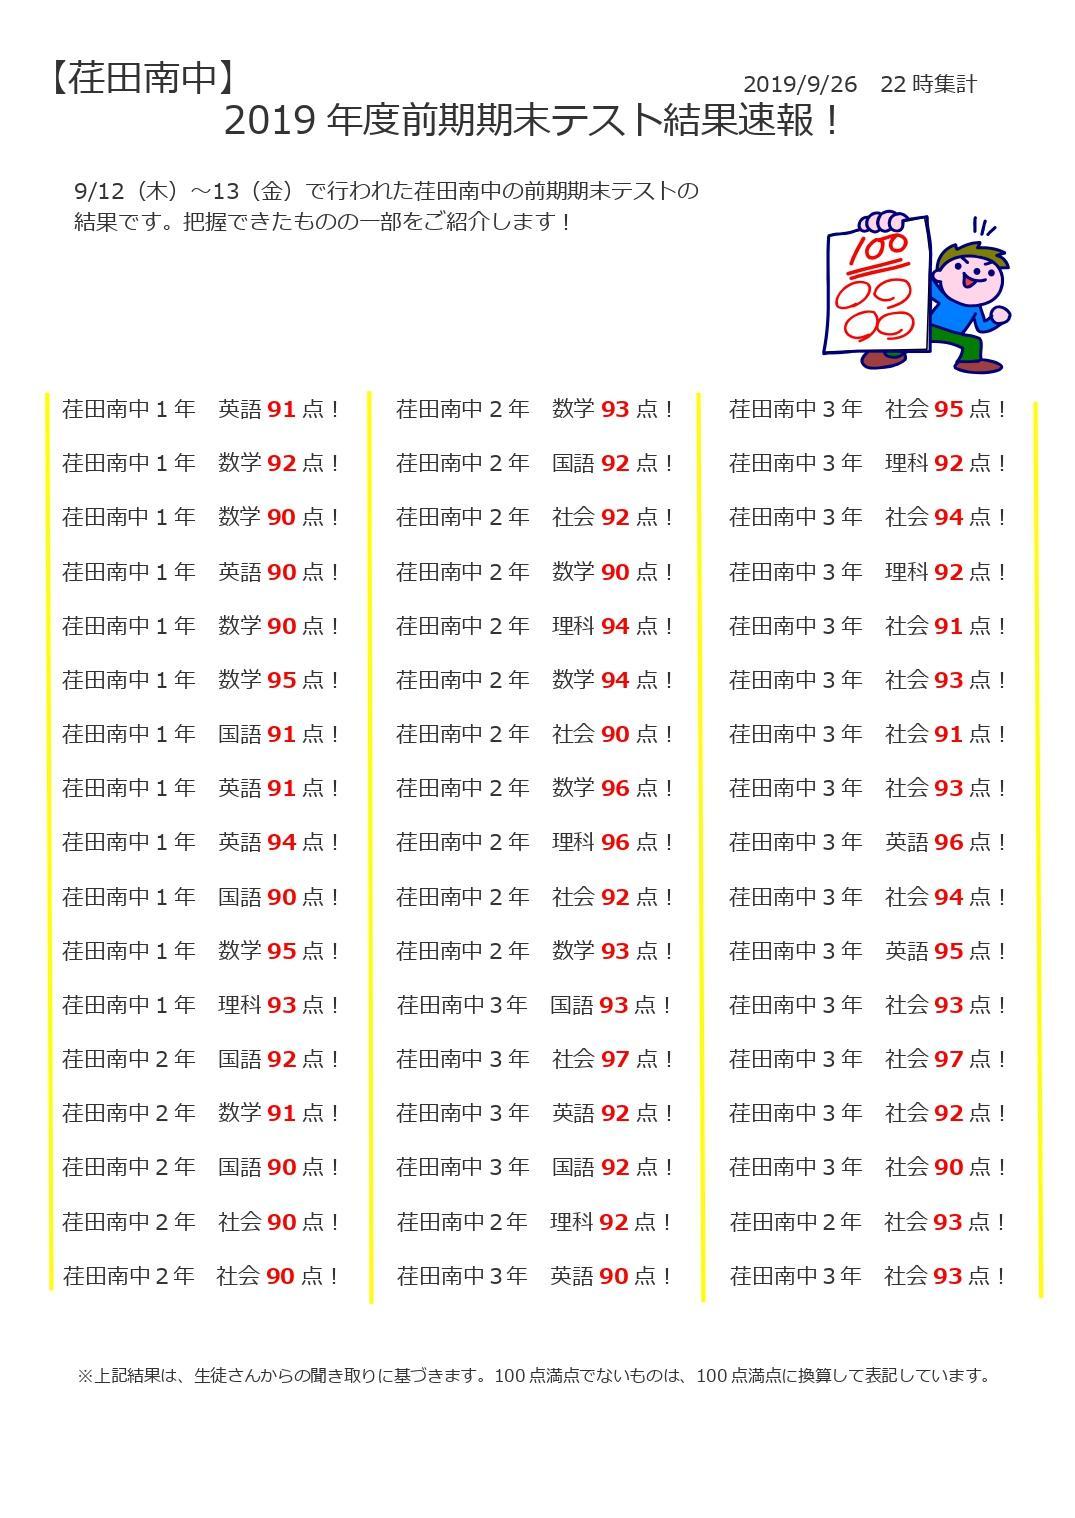 荏田南_2019前期期末2_page-0001.jpg